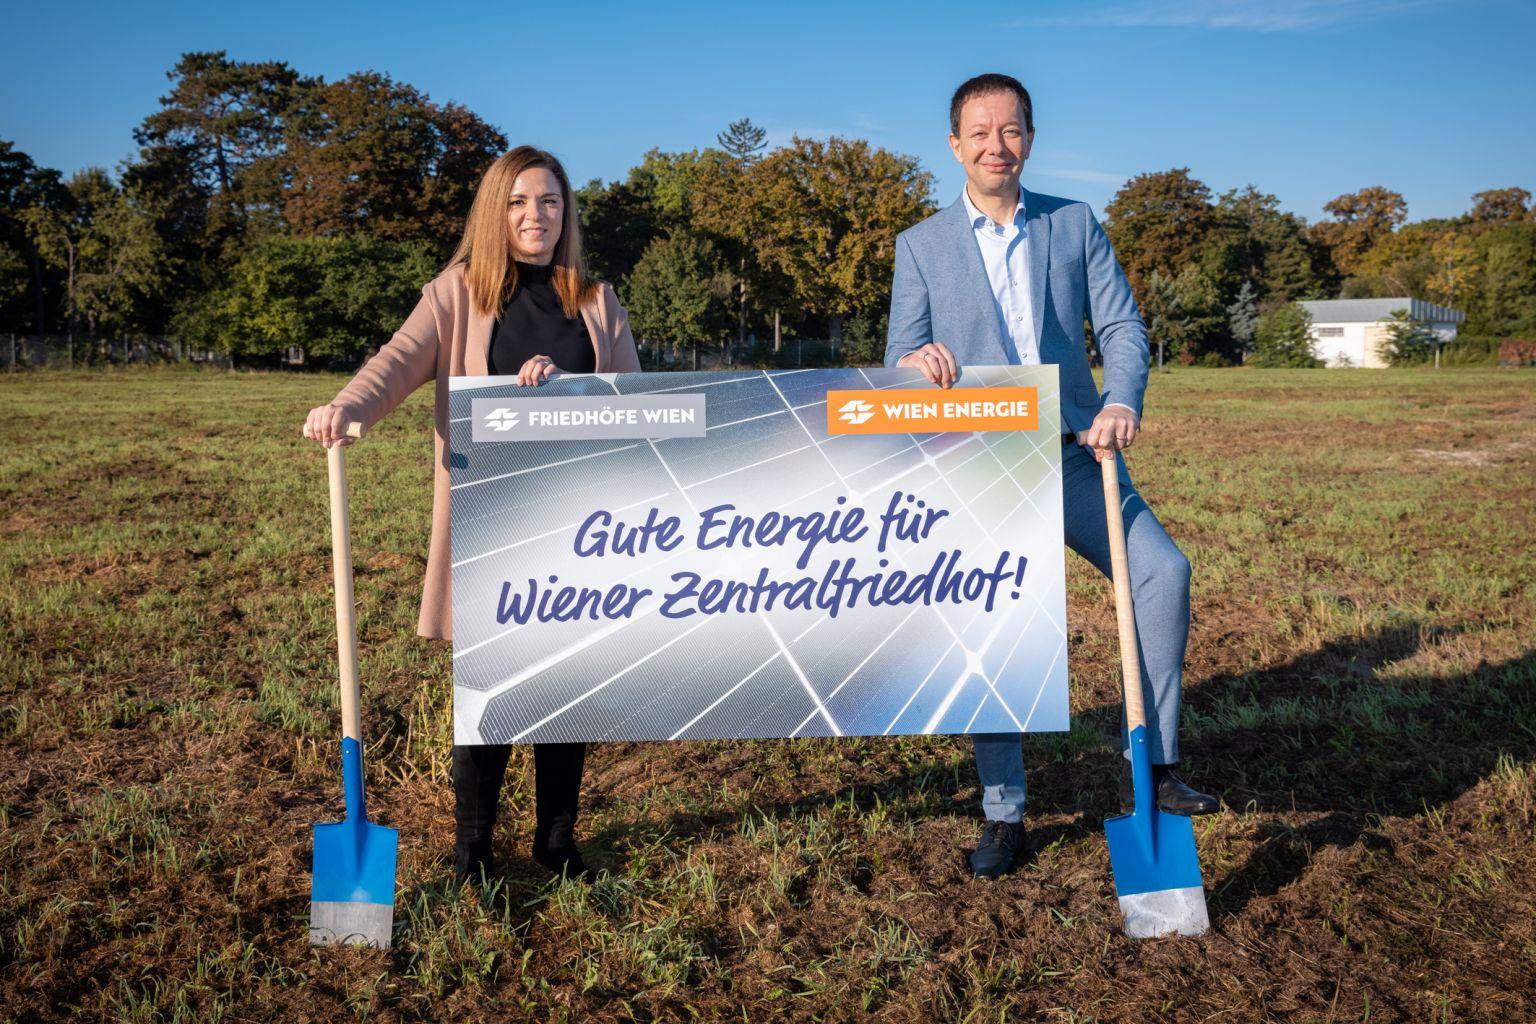 Gute Energie für Wiener Zentralfriedhof